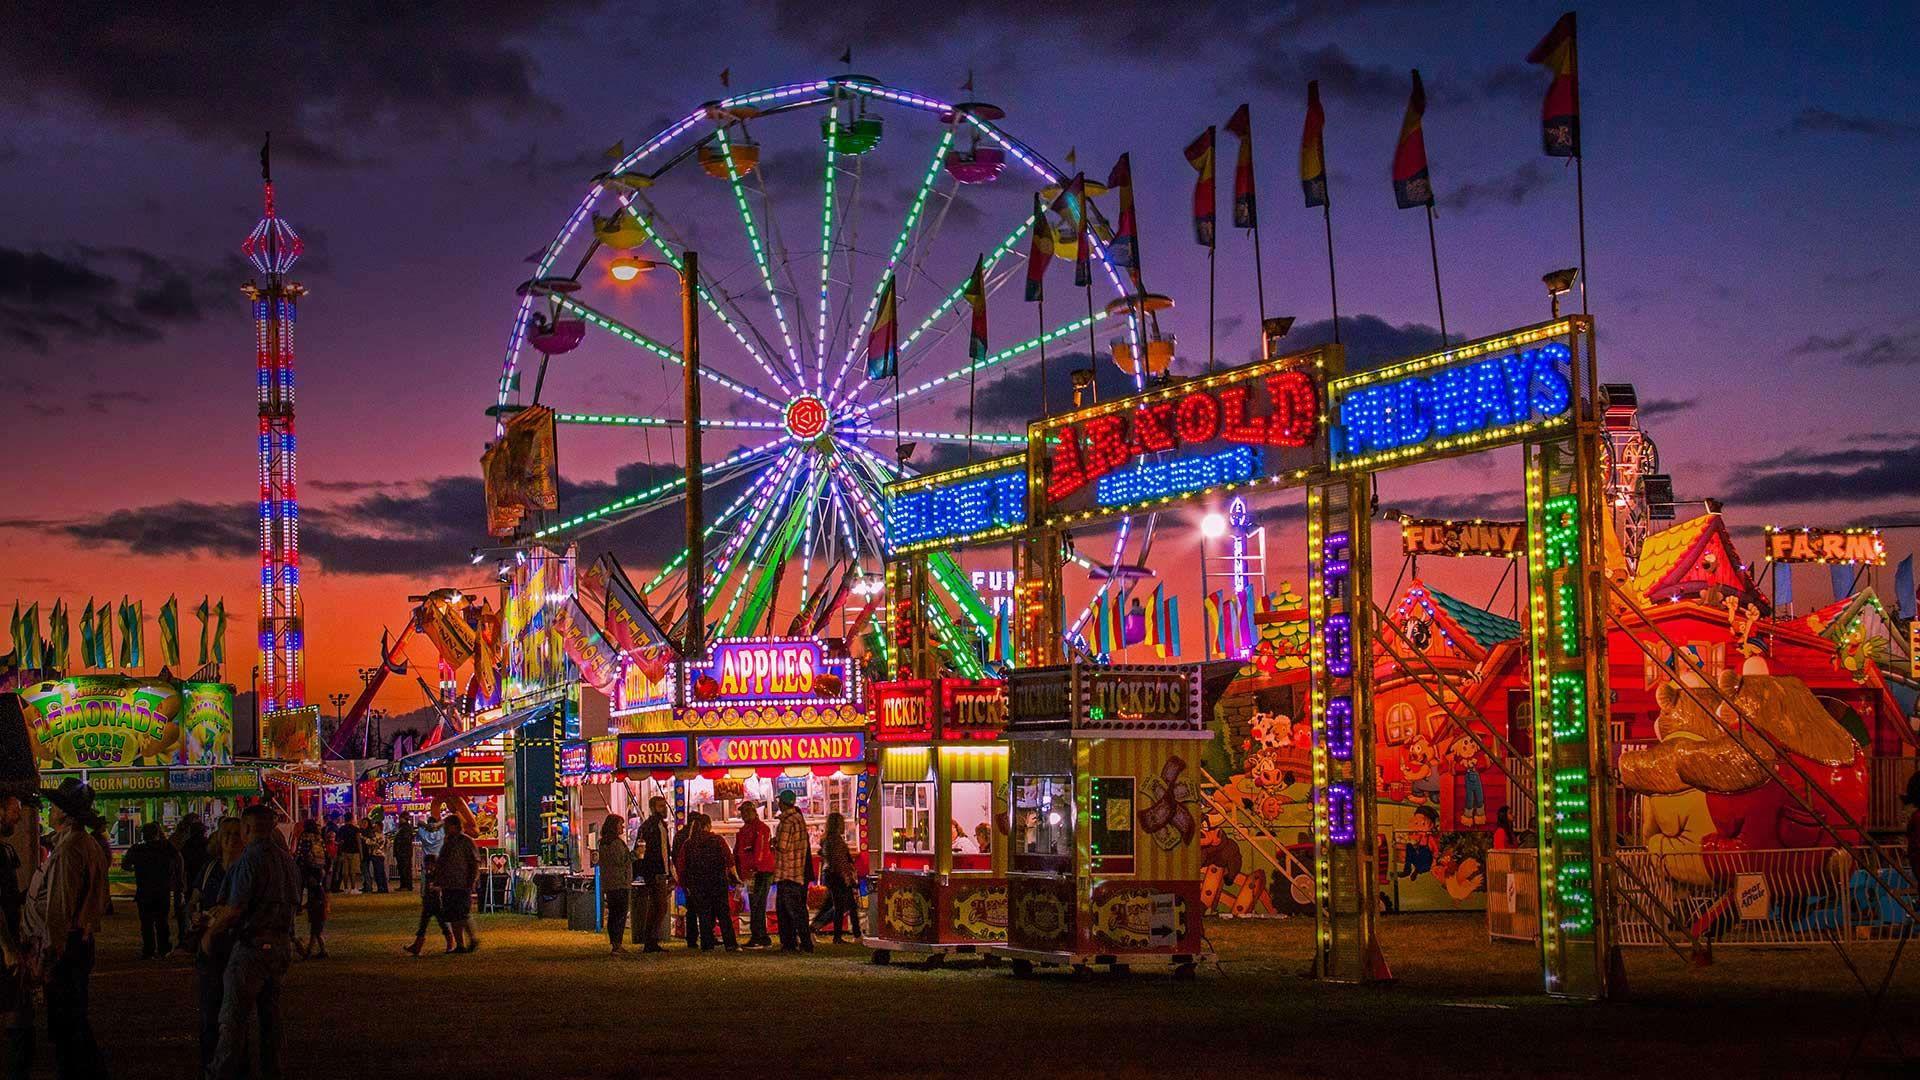 Hardee county fair in wauchula florida oscar g davila